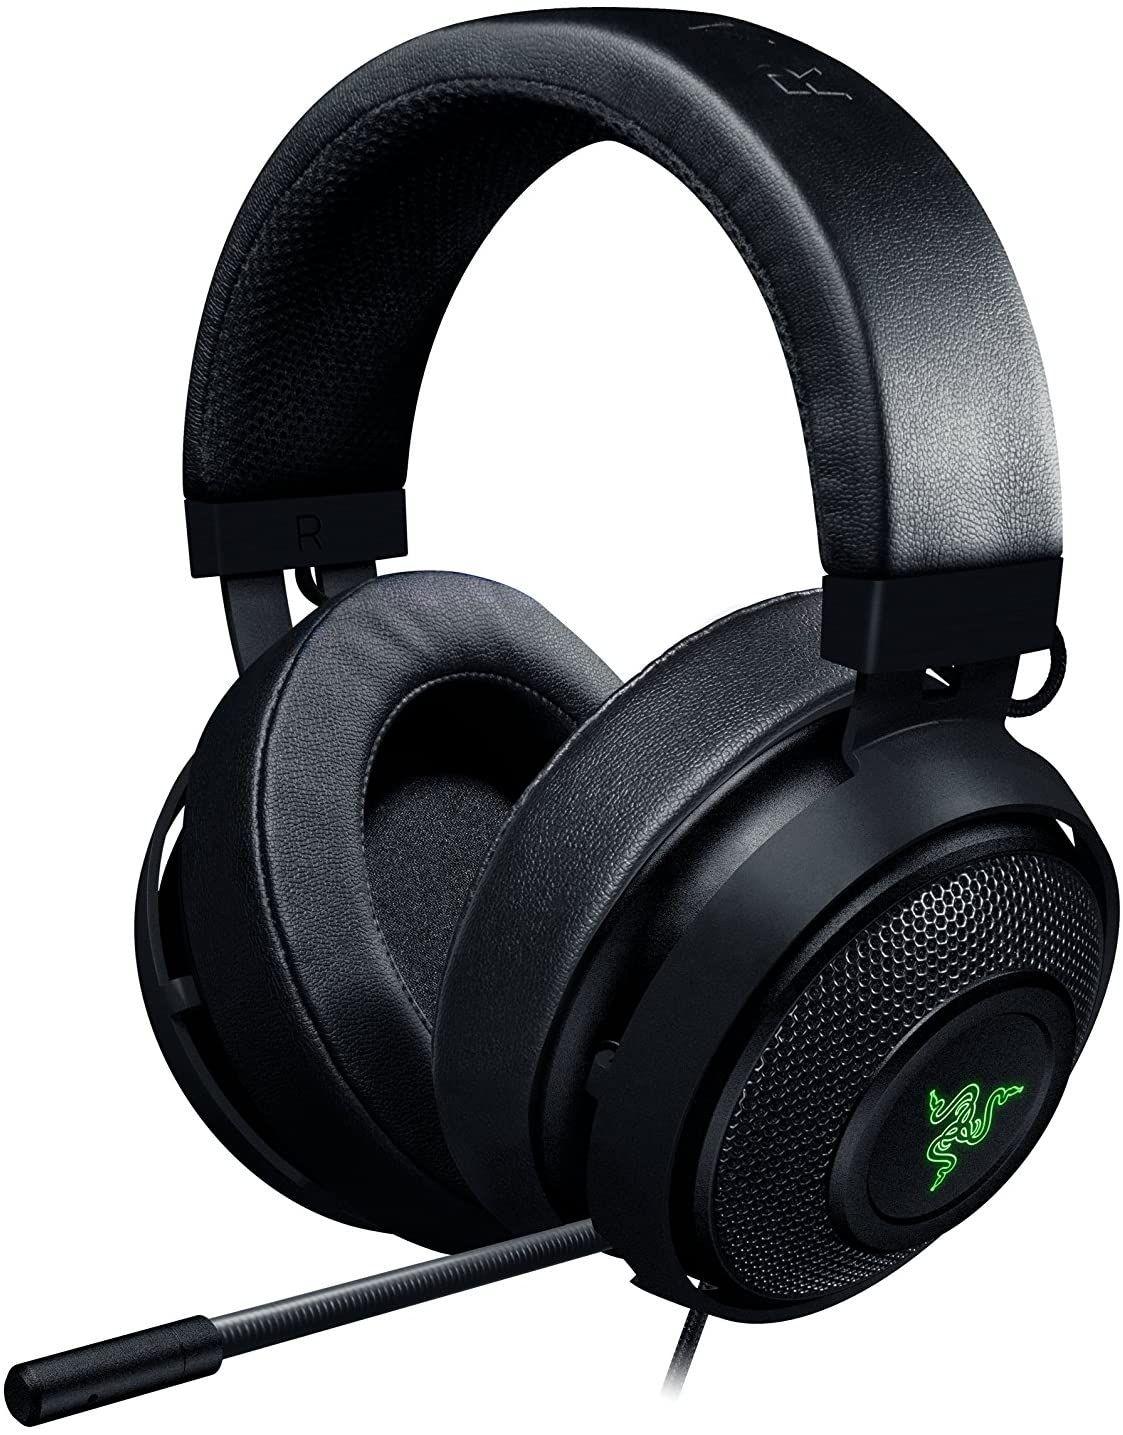 Razer Kraken 7 1 V2 In 2020 Headset Gaming Headset Razer